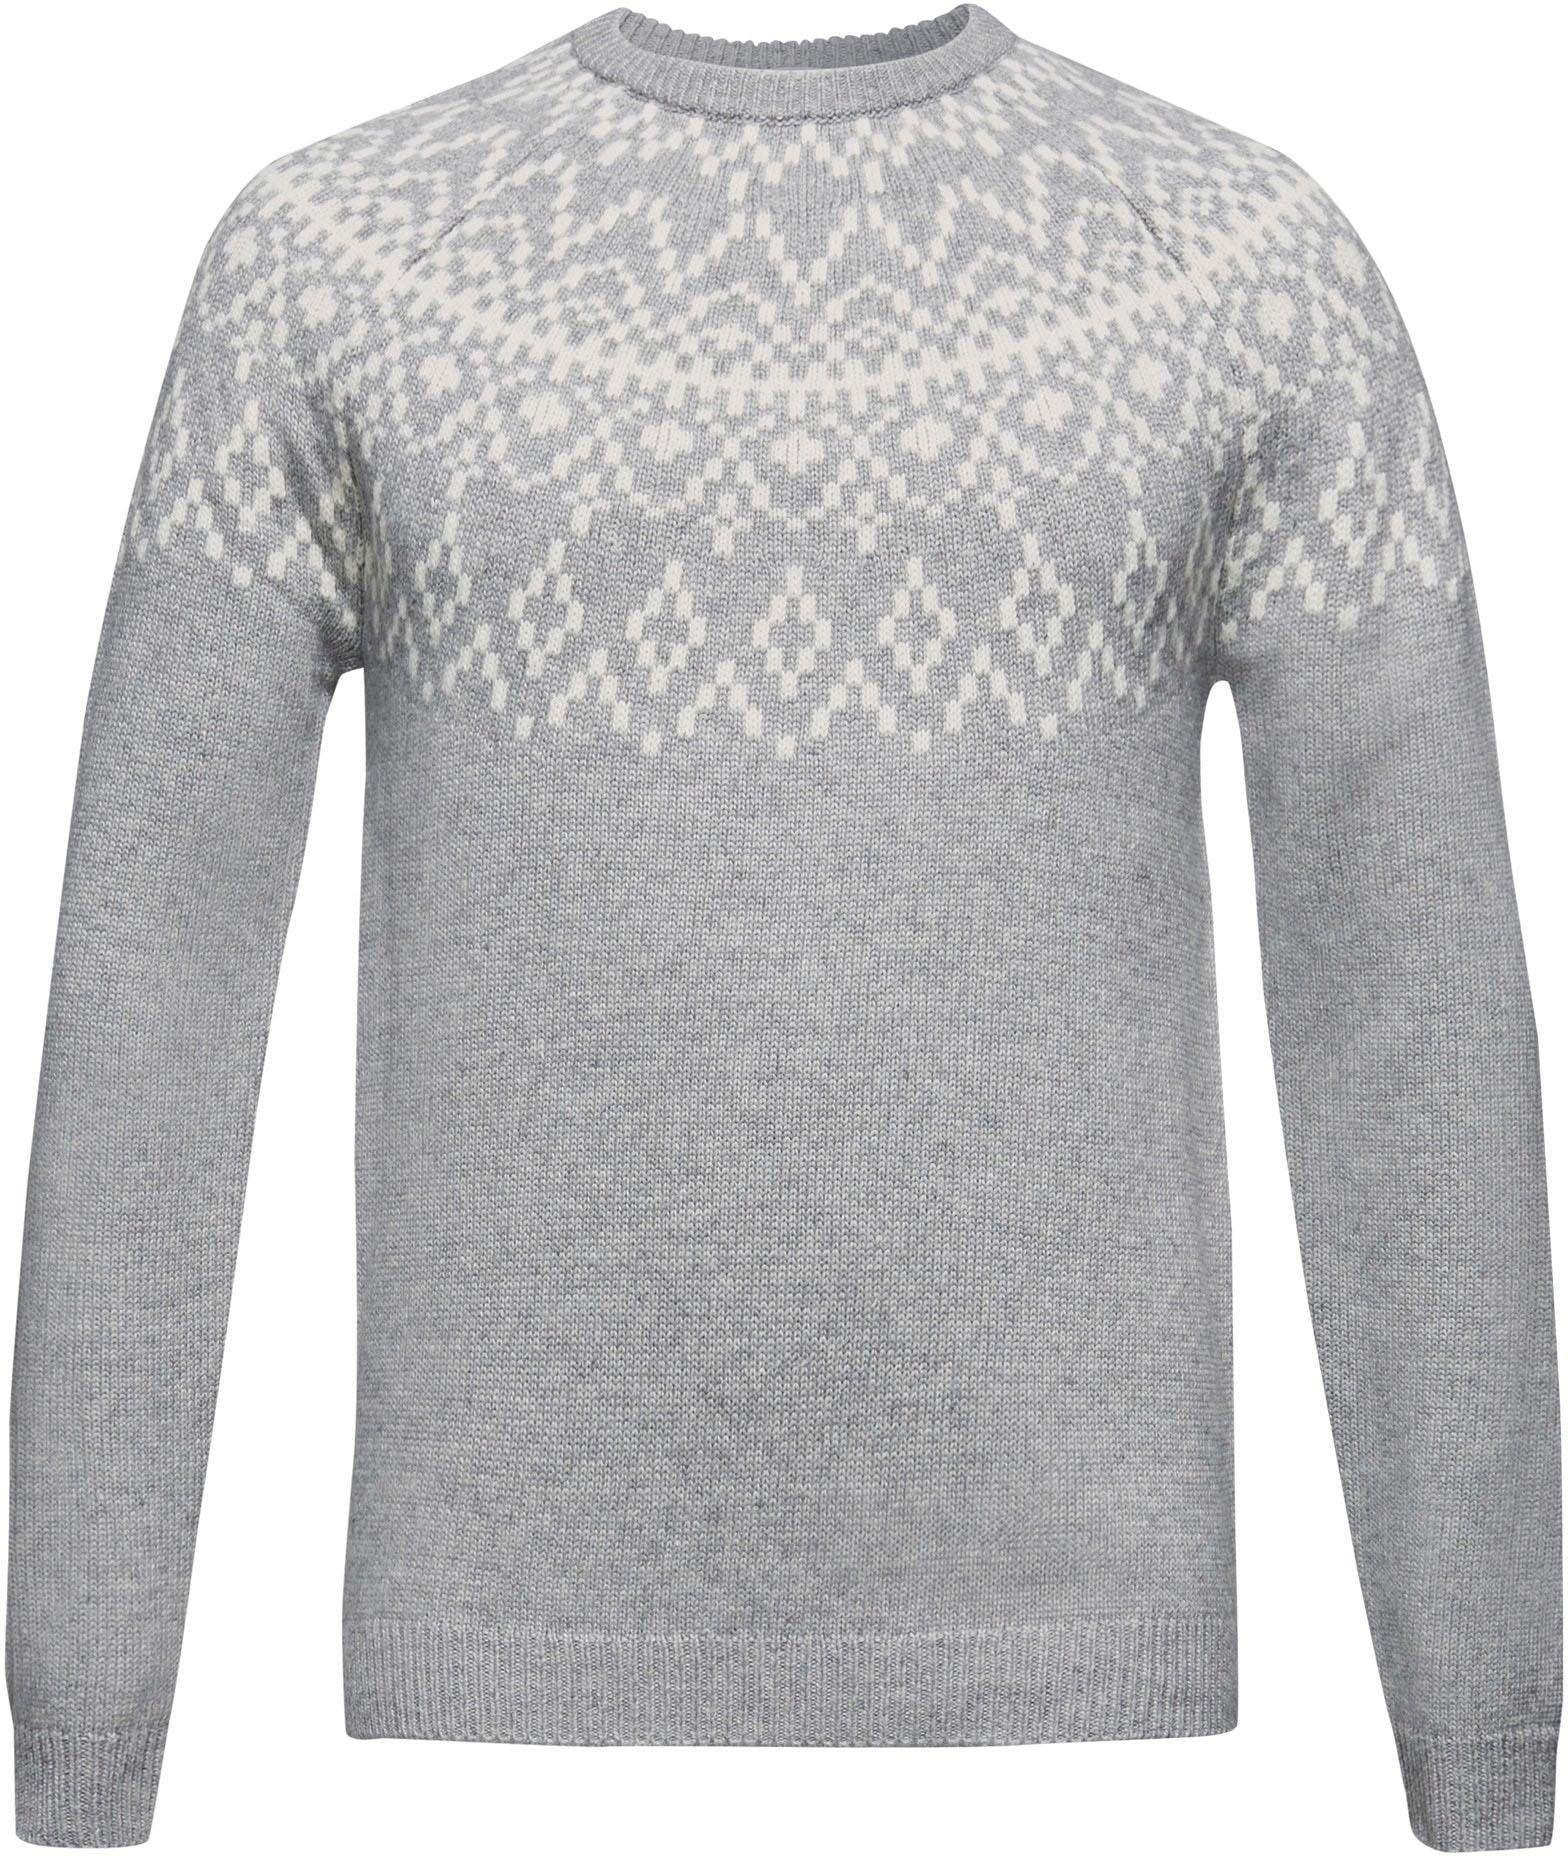 Esprit Norwegerpullover | Bekleidung > Pullover > Norwegerpullover | Esprit